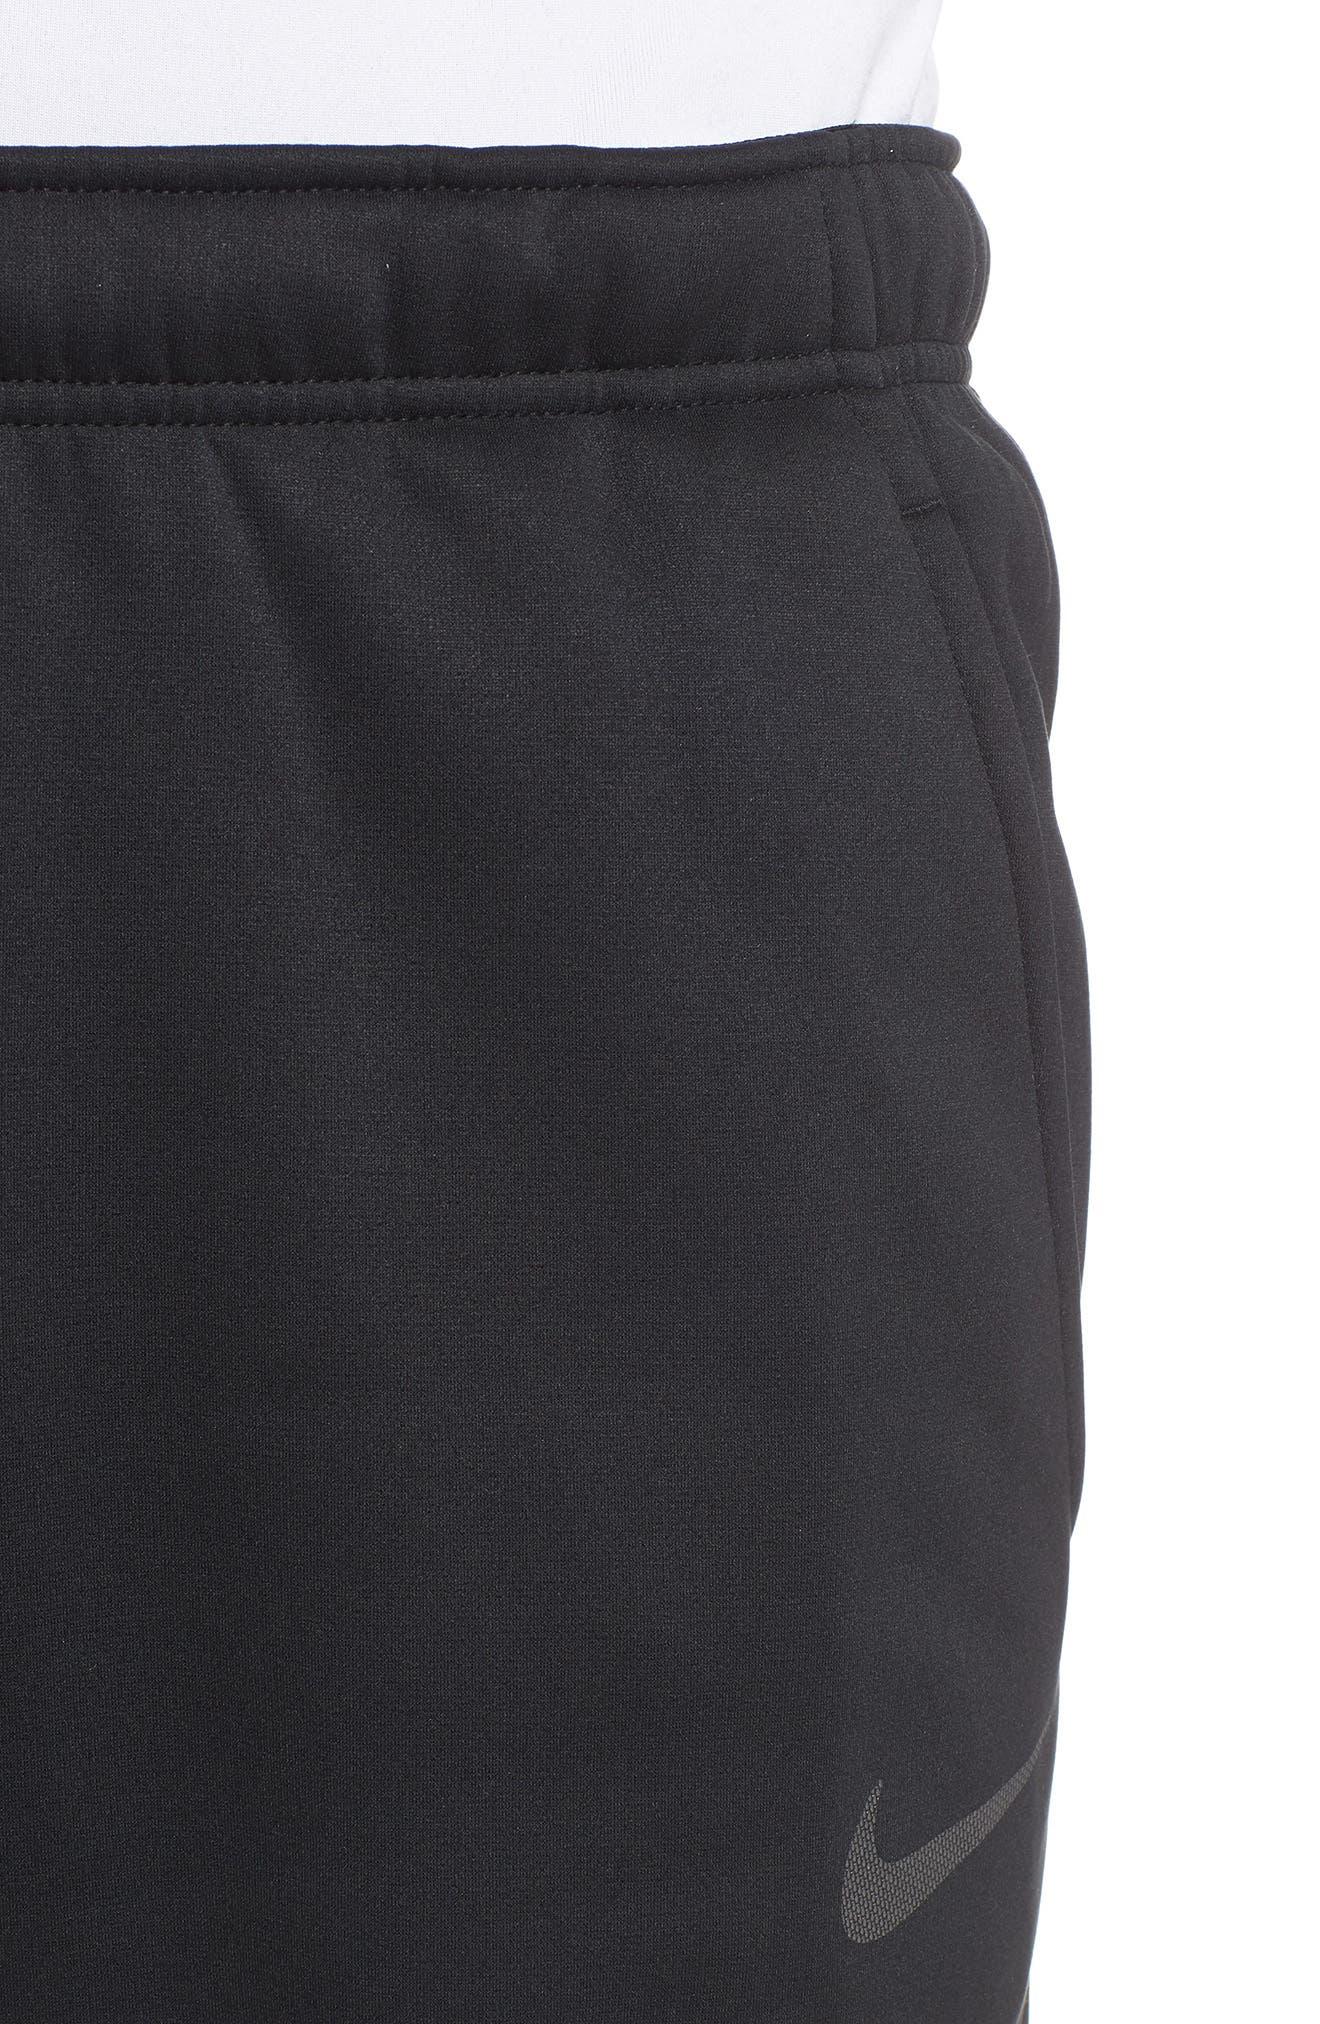 Dri-FIT Therma Training Pants,                             Alternate thumbnail 4, color,                             BLACK/ METALLIC HEMATITE